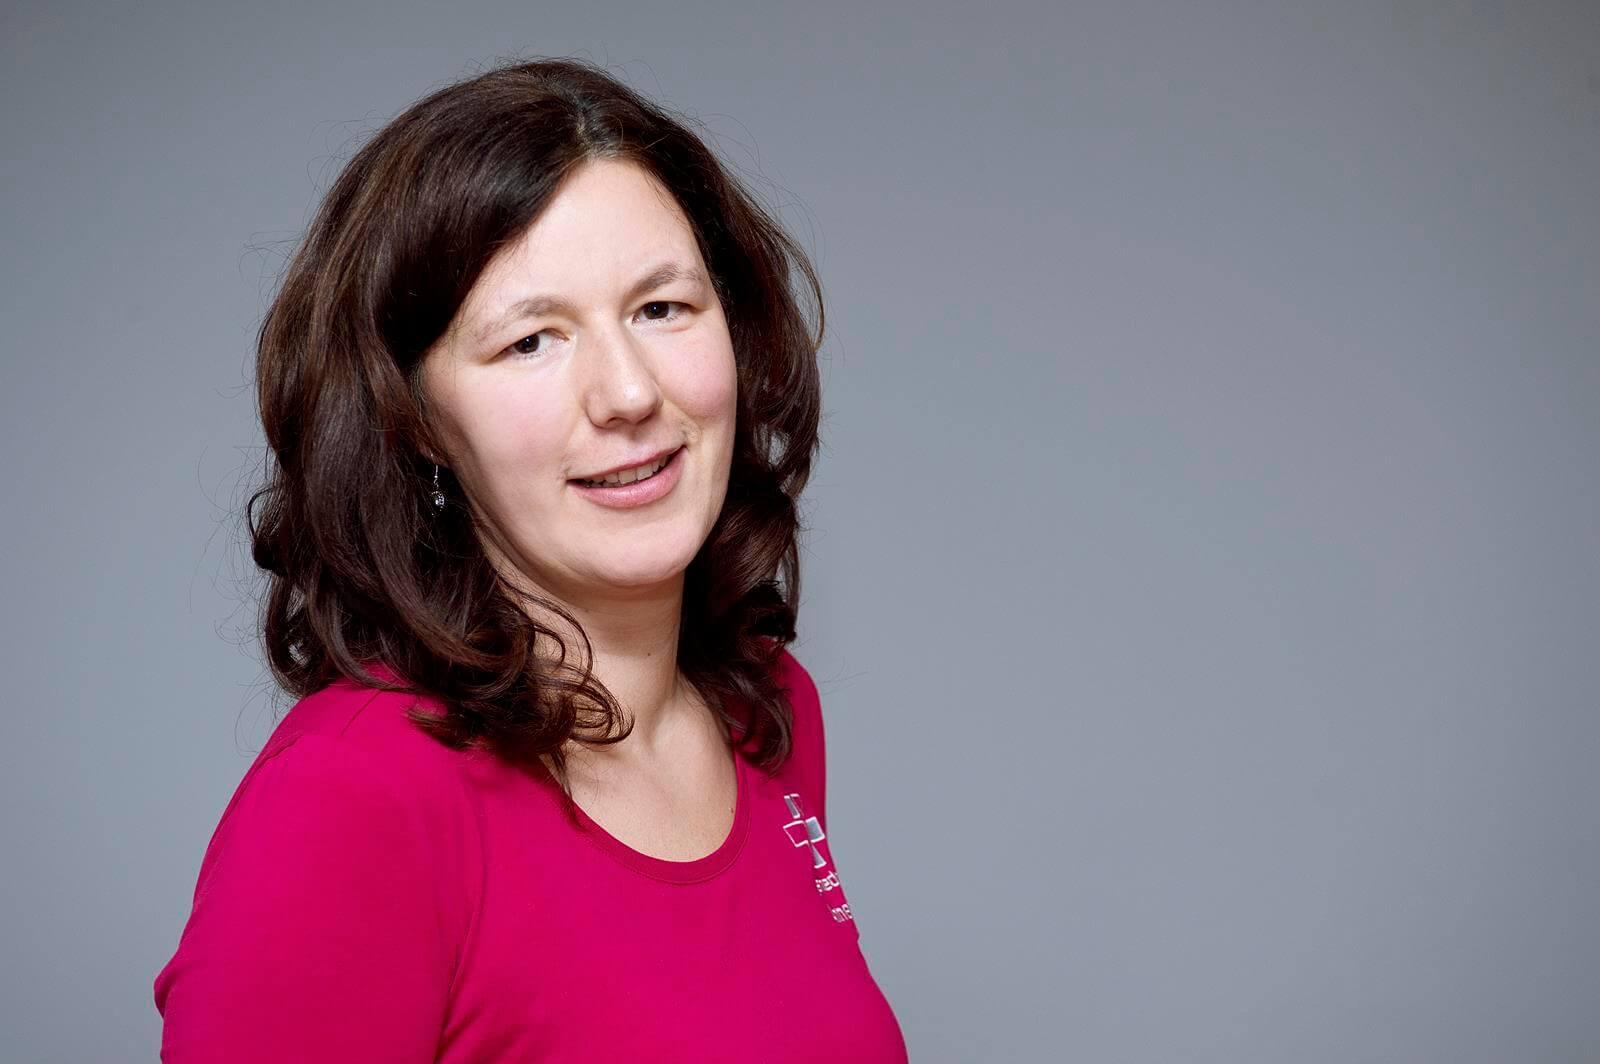 Annett Hachmeister